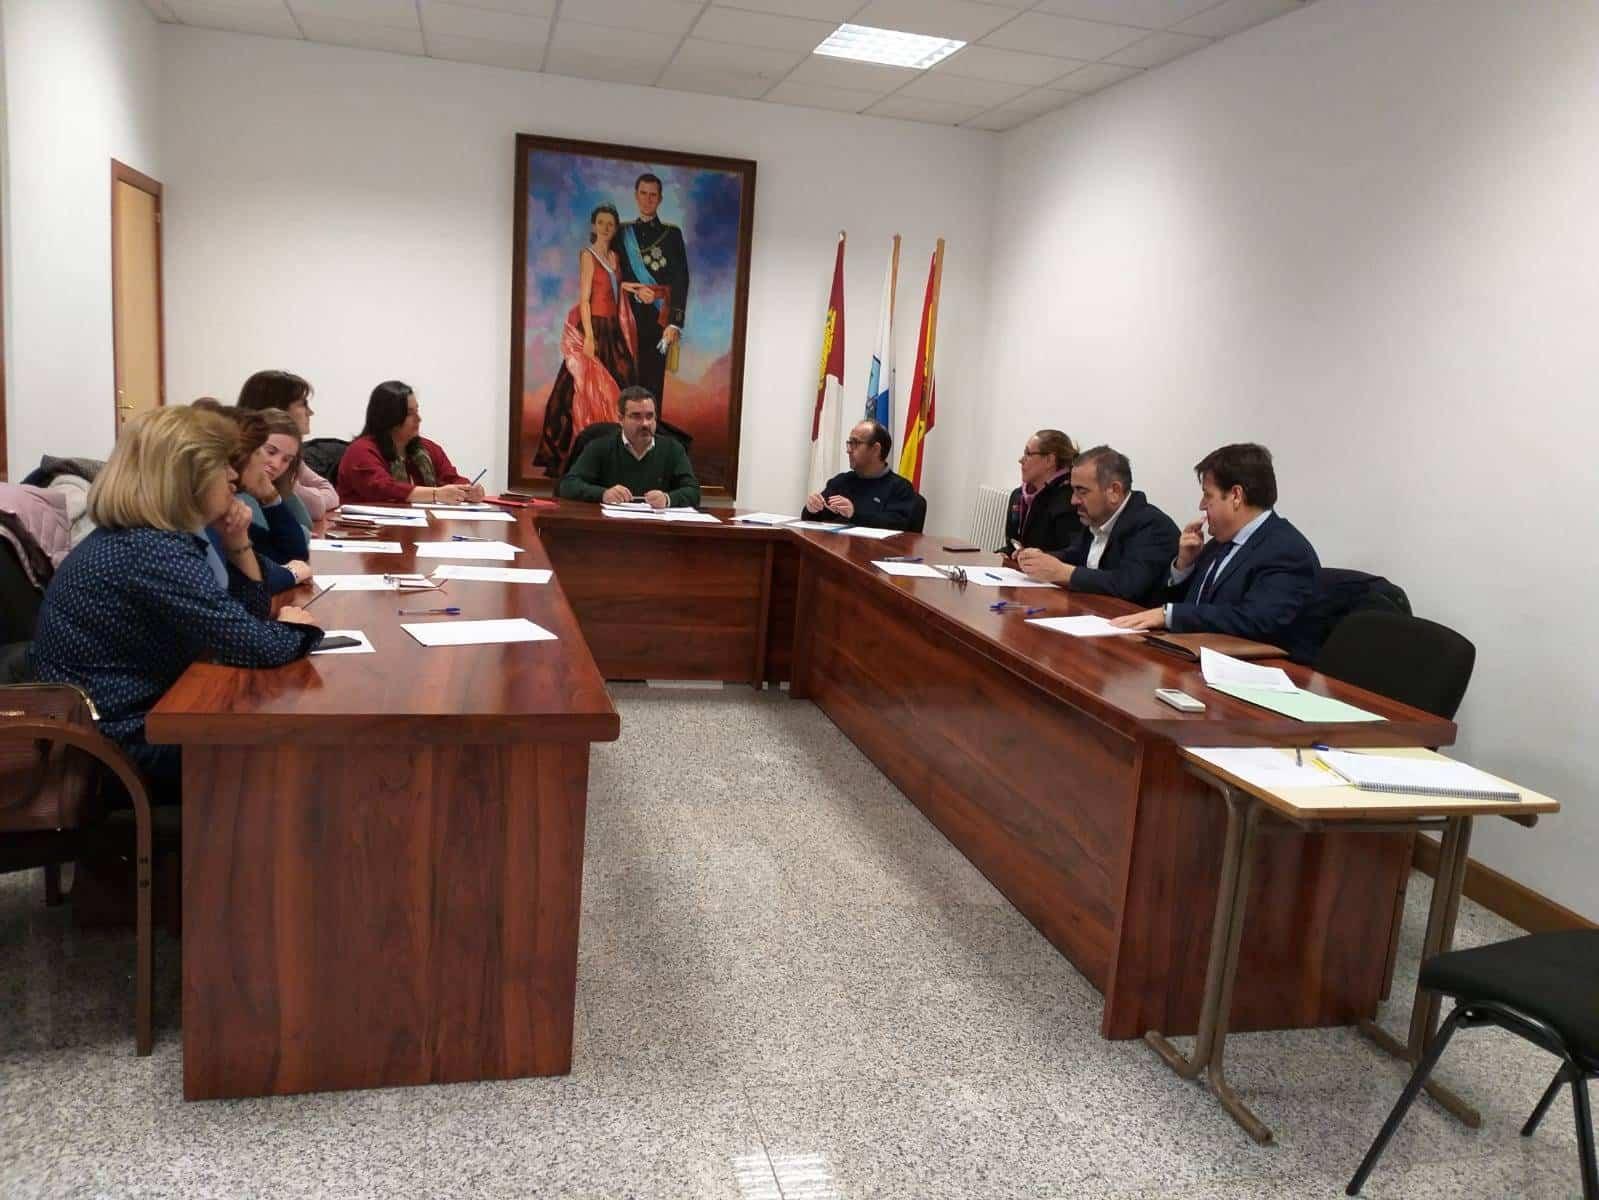 Junta Directiva Mancha Norte Enero 2019 - Mancha Norte favorece la participación de los colectivos sociales en la comarca a través de la financiación europea